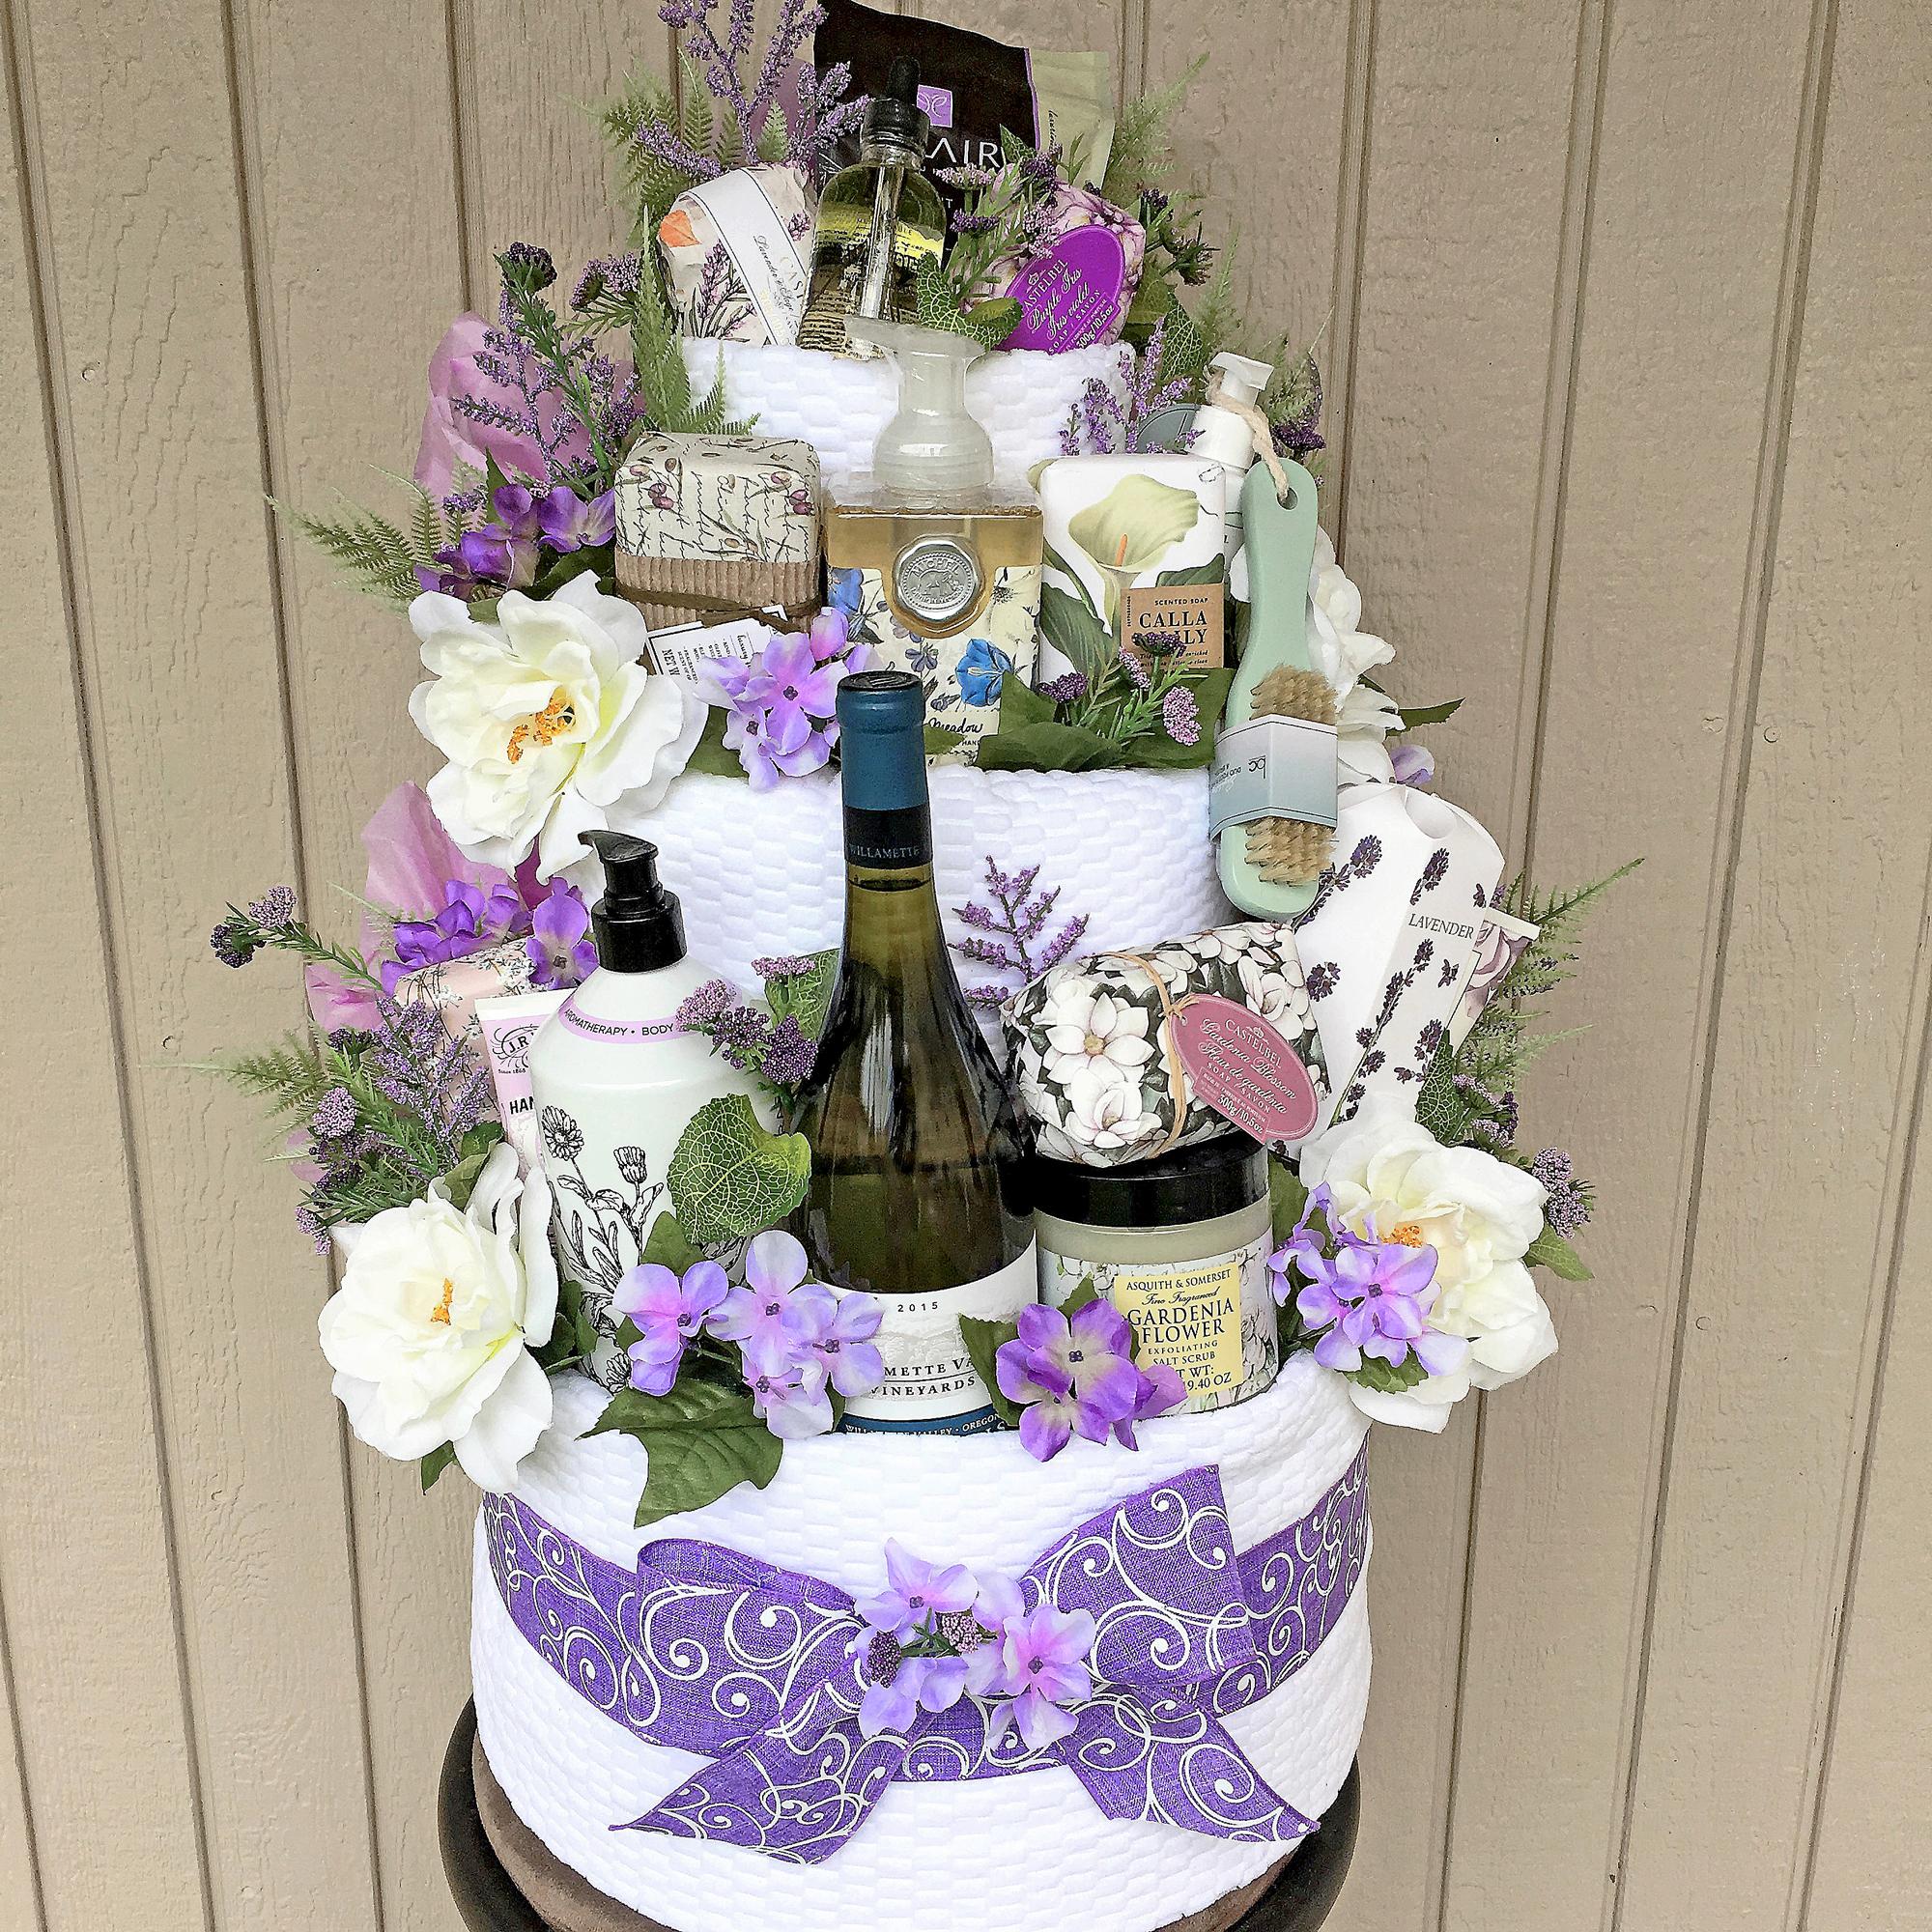 Garden Spa Gift Cake